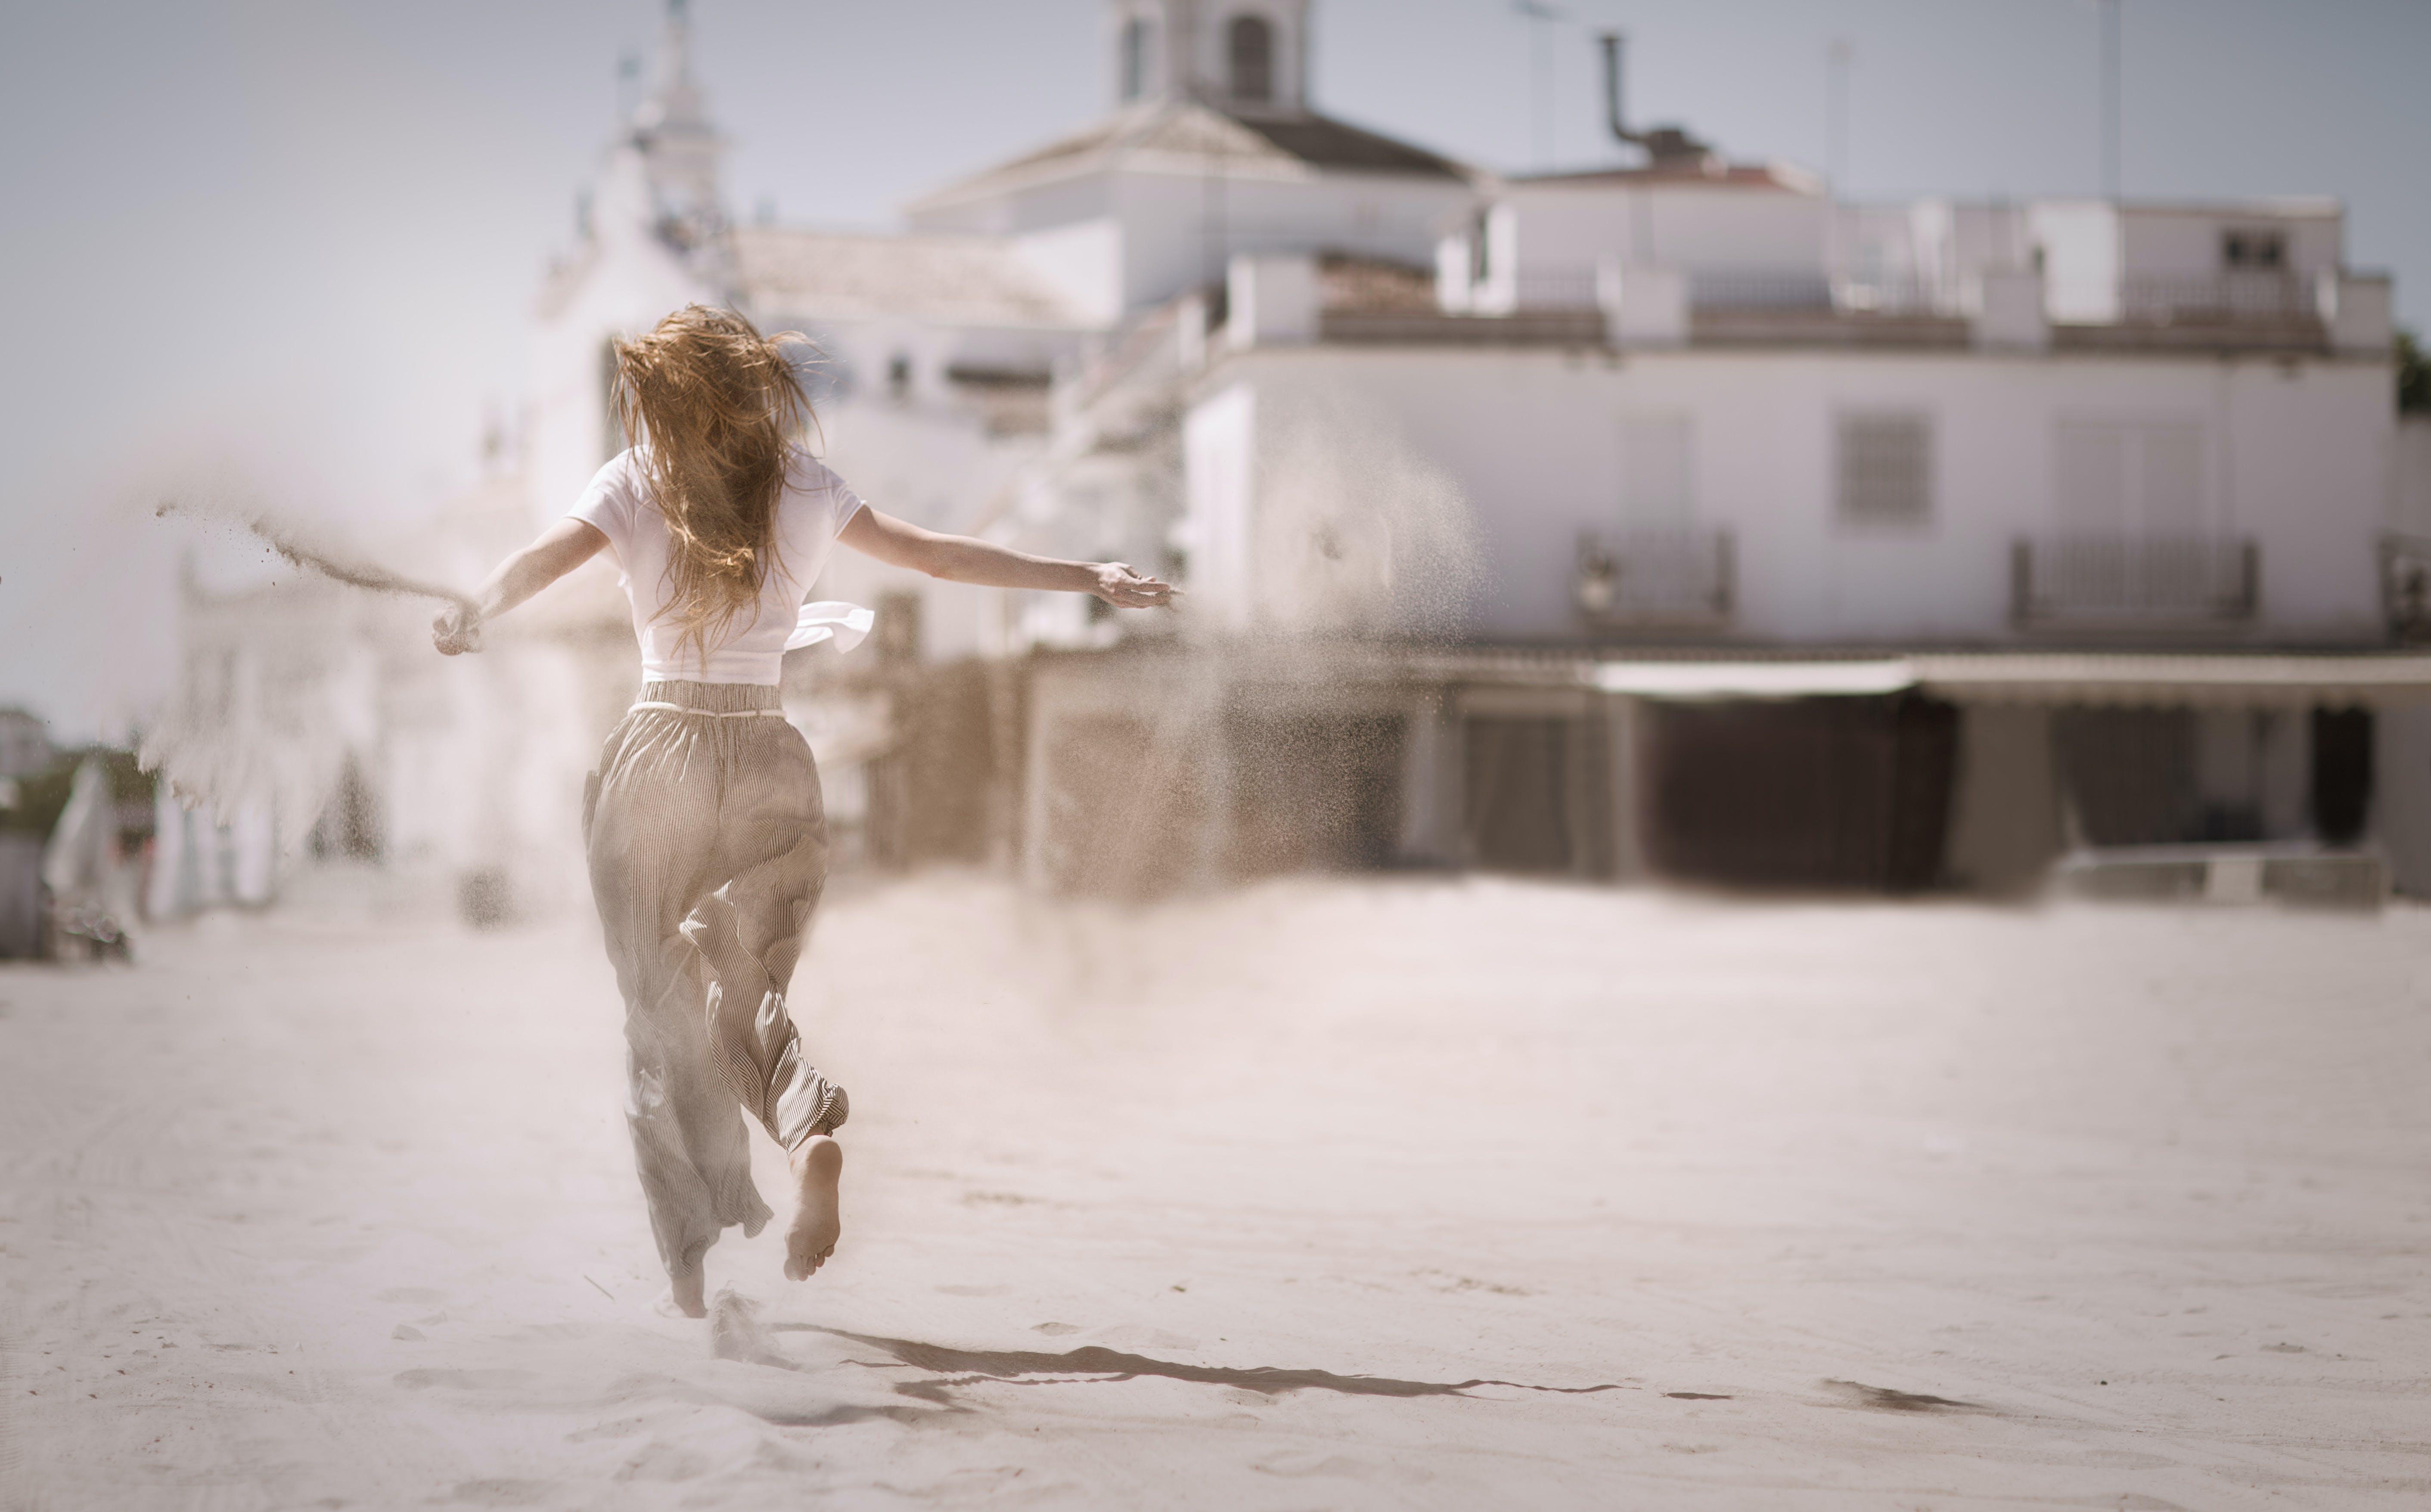 Gratis lagerfoto af bevægelse, bygning, dagslys, frihed